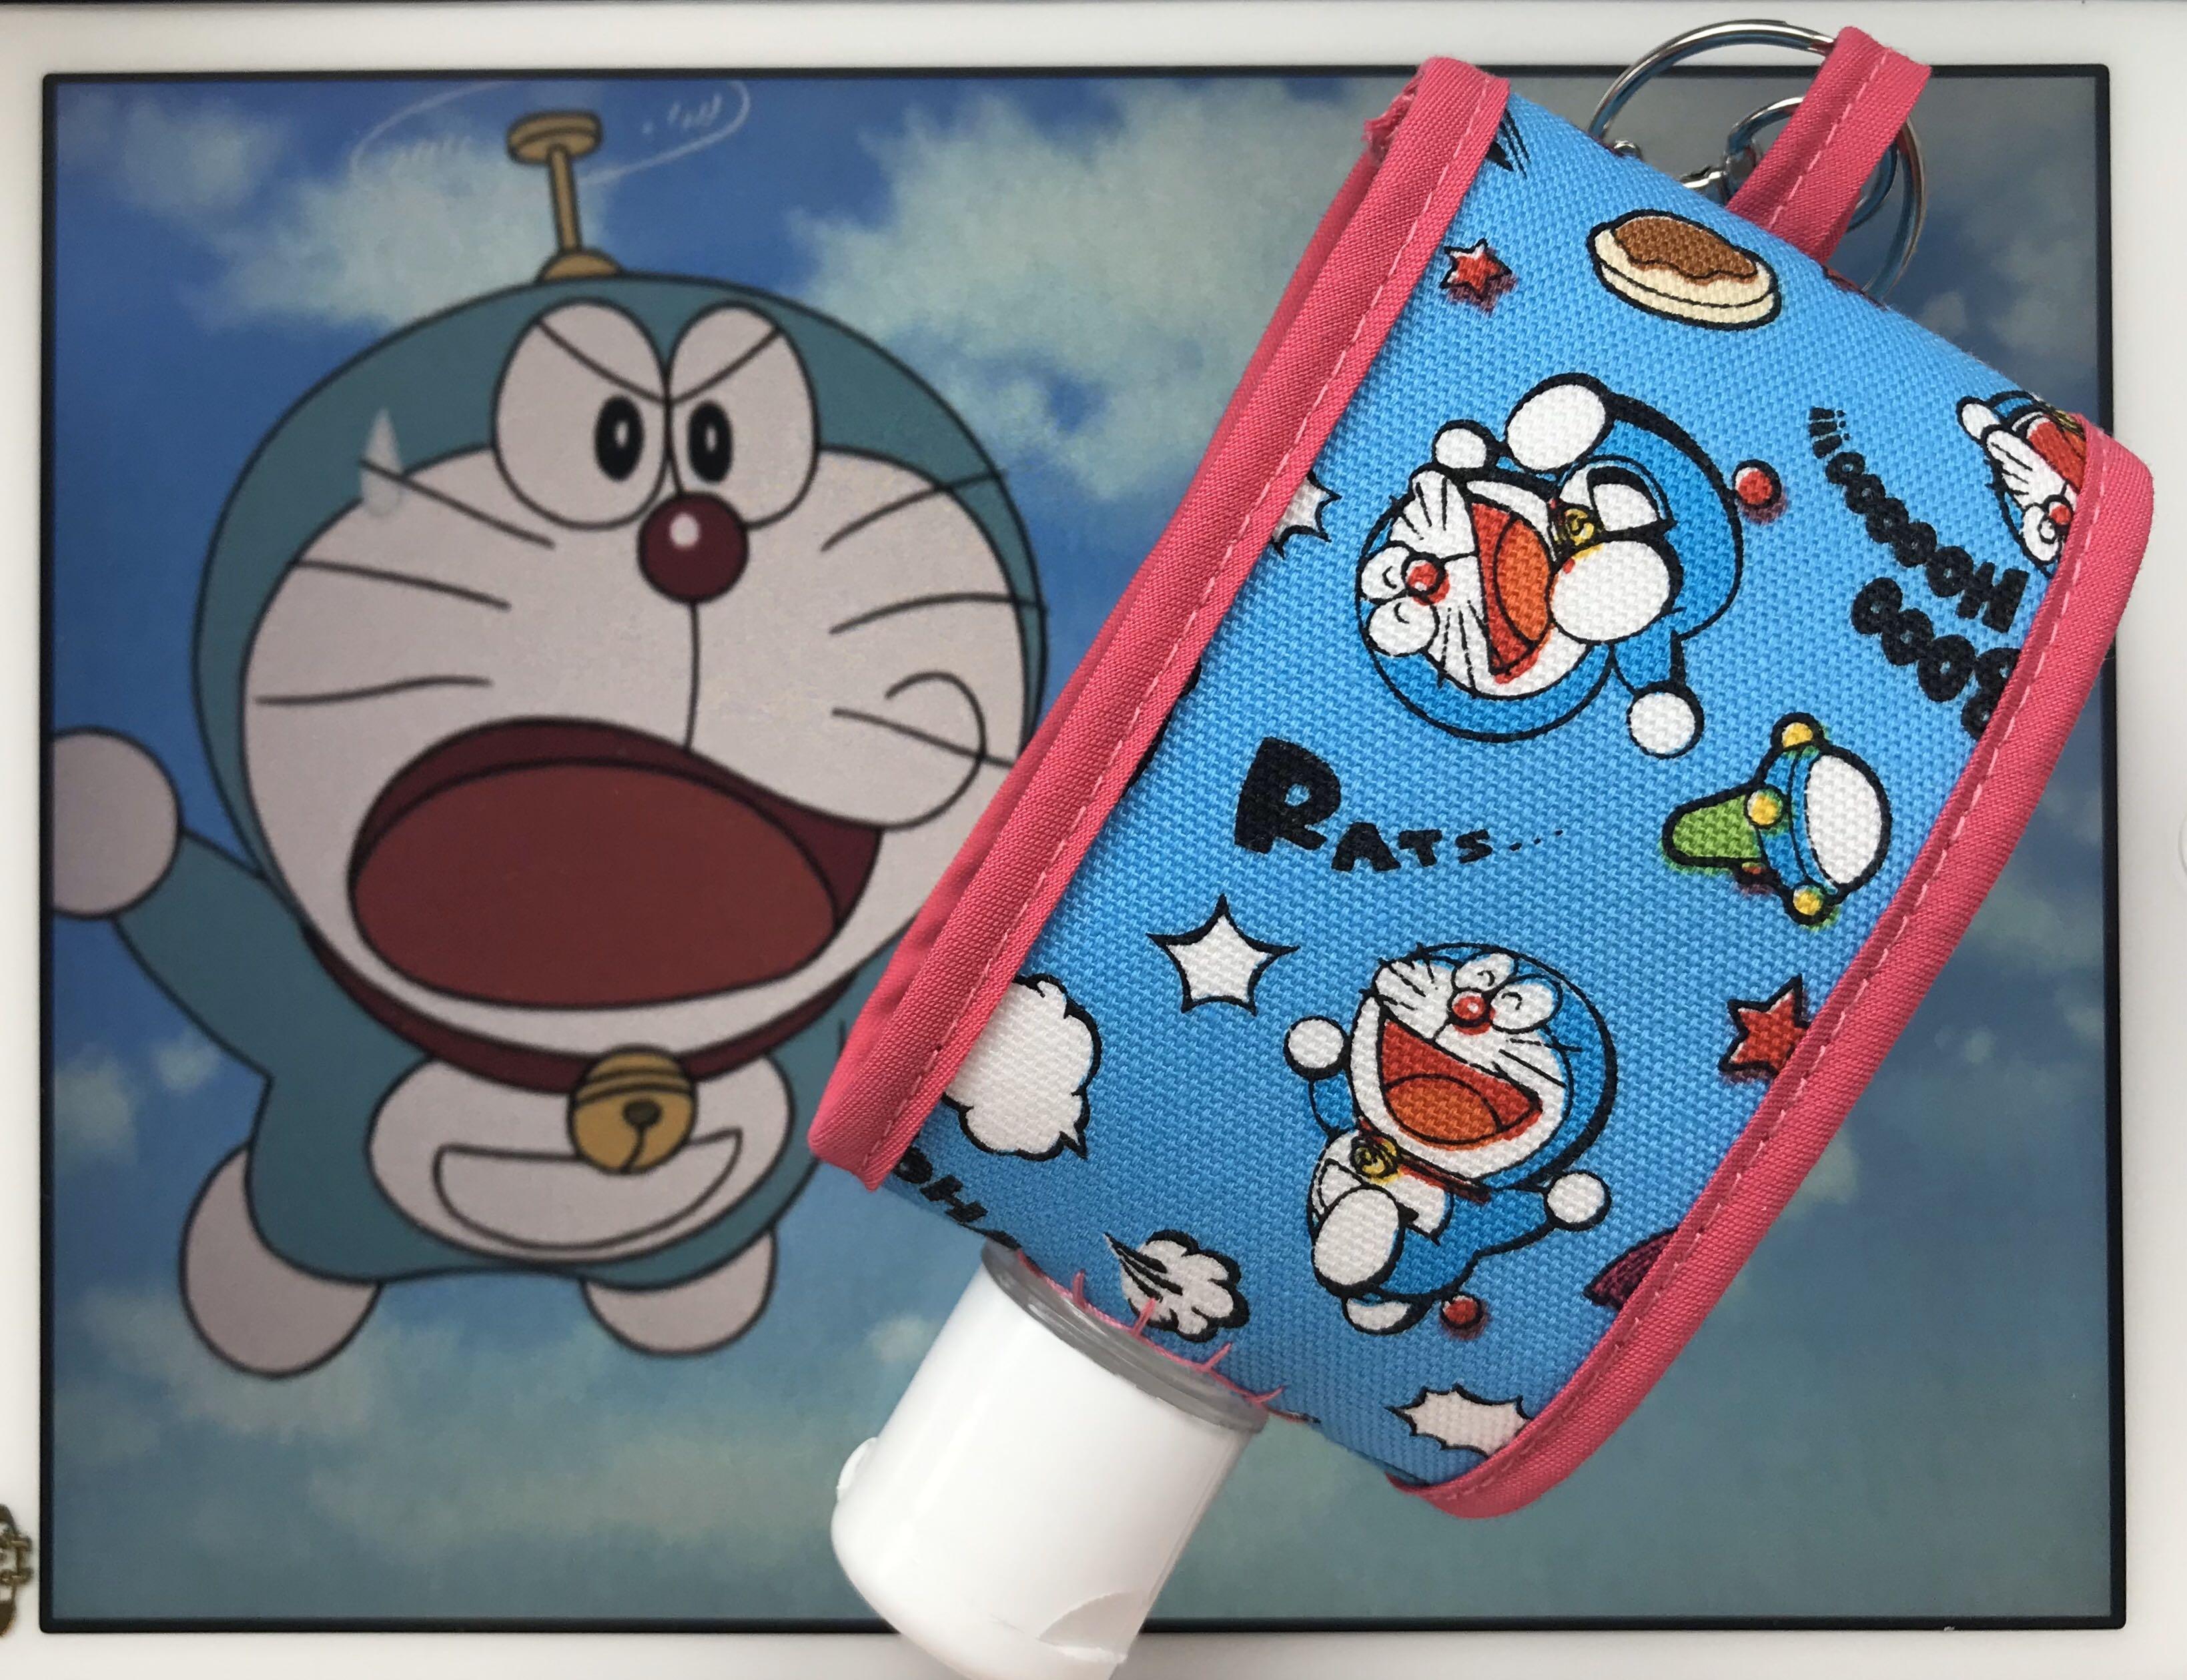 Mijama sanitizer holders